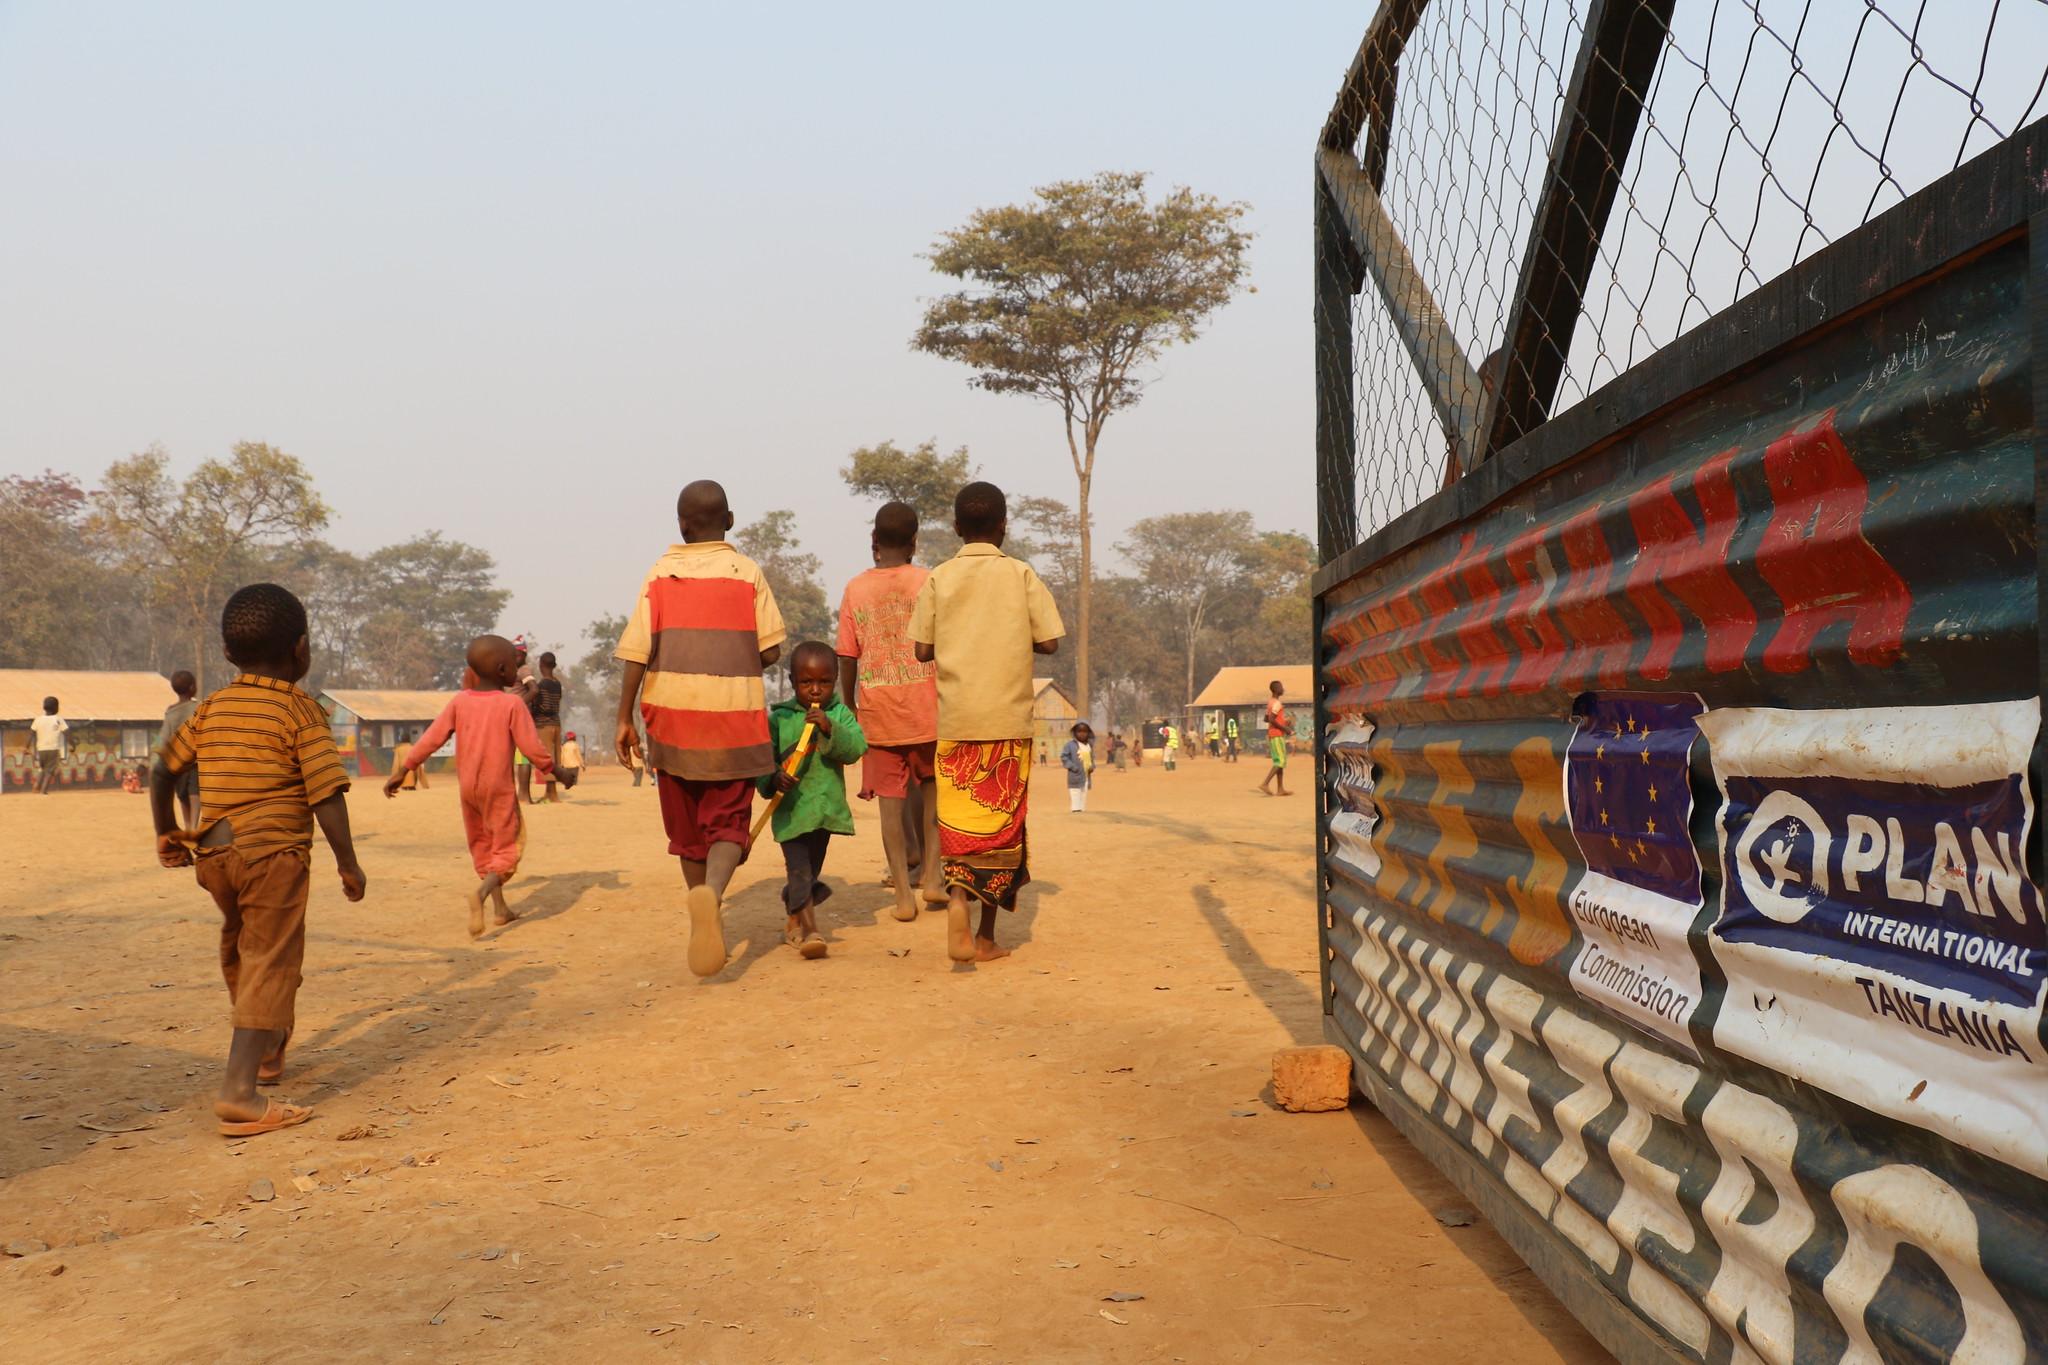 Geflüchtete in einem Lager in Tansania, nahe der burundischen Grenze